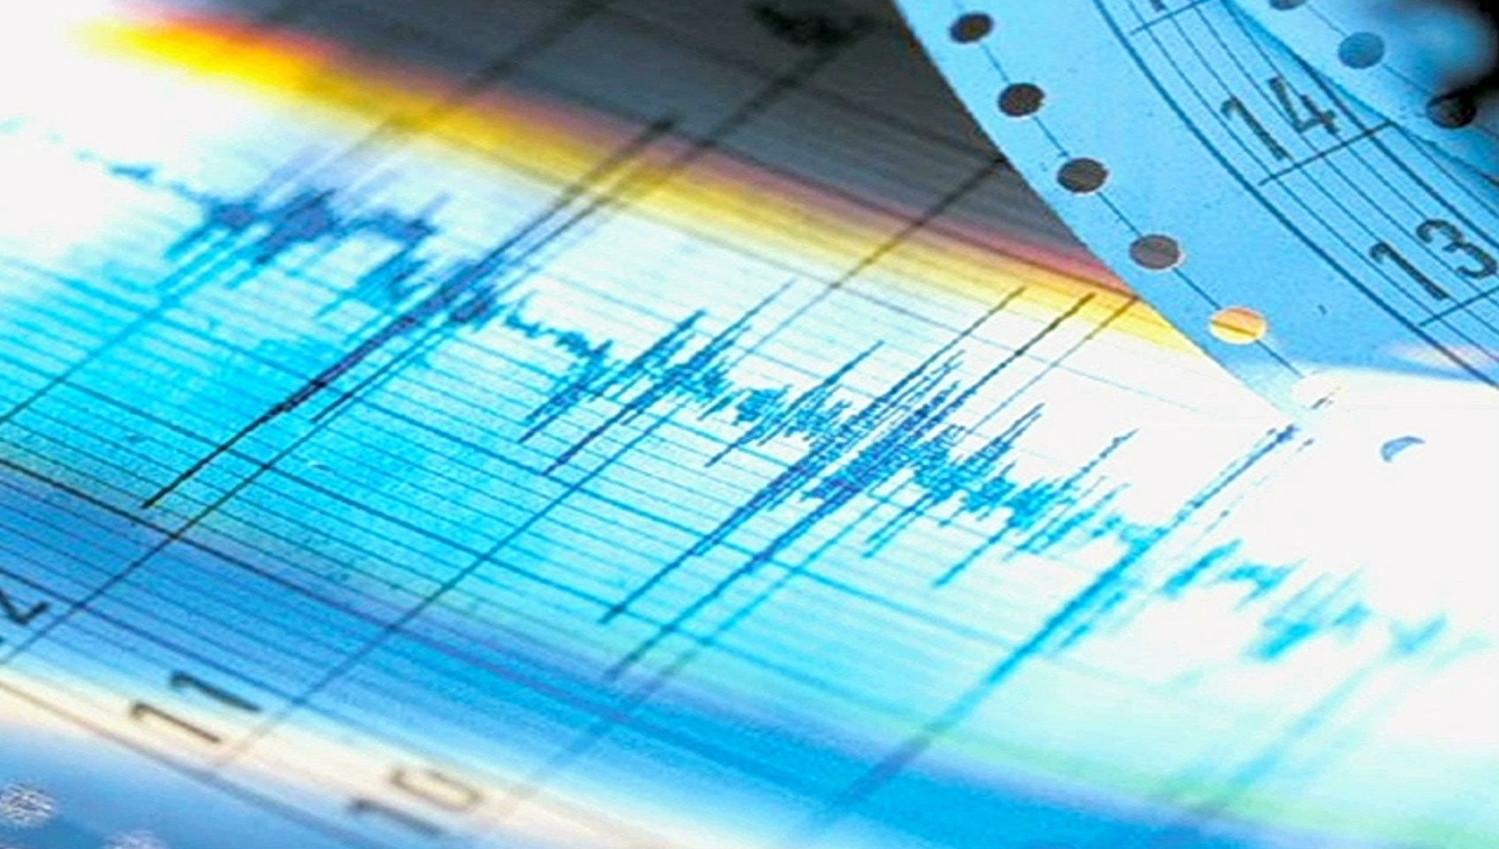 Замбию всколыхнуло мощное землетрясение магнитудой 6,1 балла